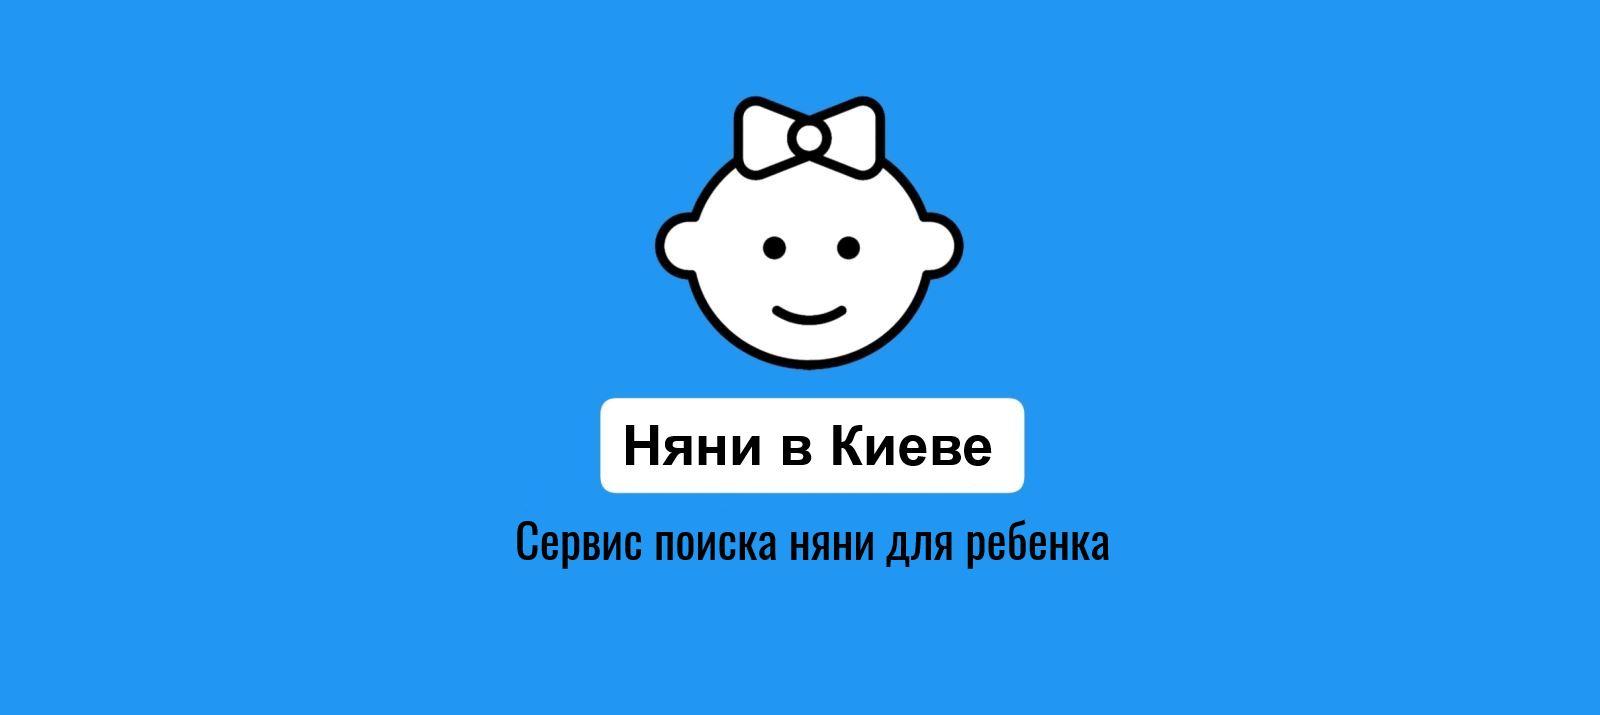 Работа для девушек няня работа в массажном салоне в москве для девушек